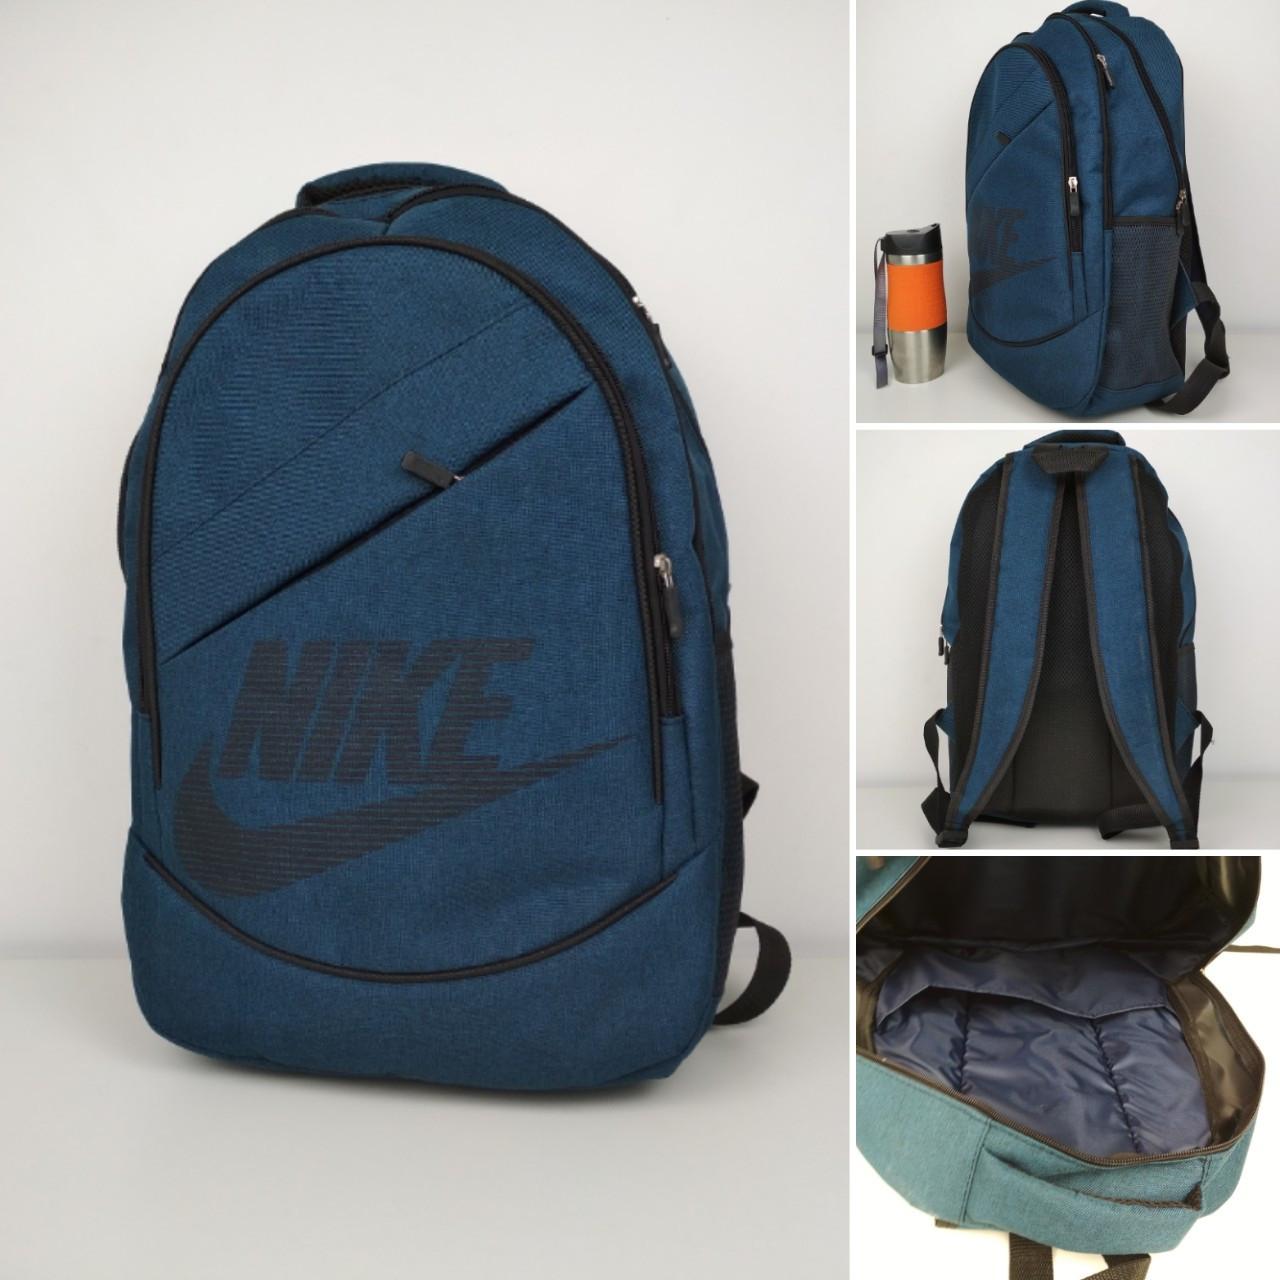 Городской повседневный рюкзак из текстиля 45*30*15 см